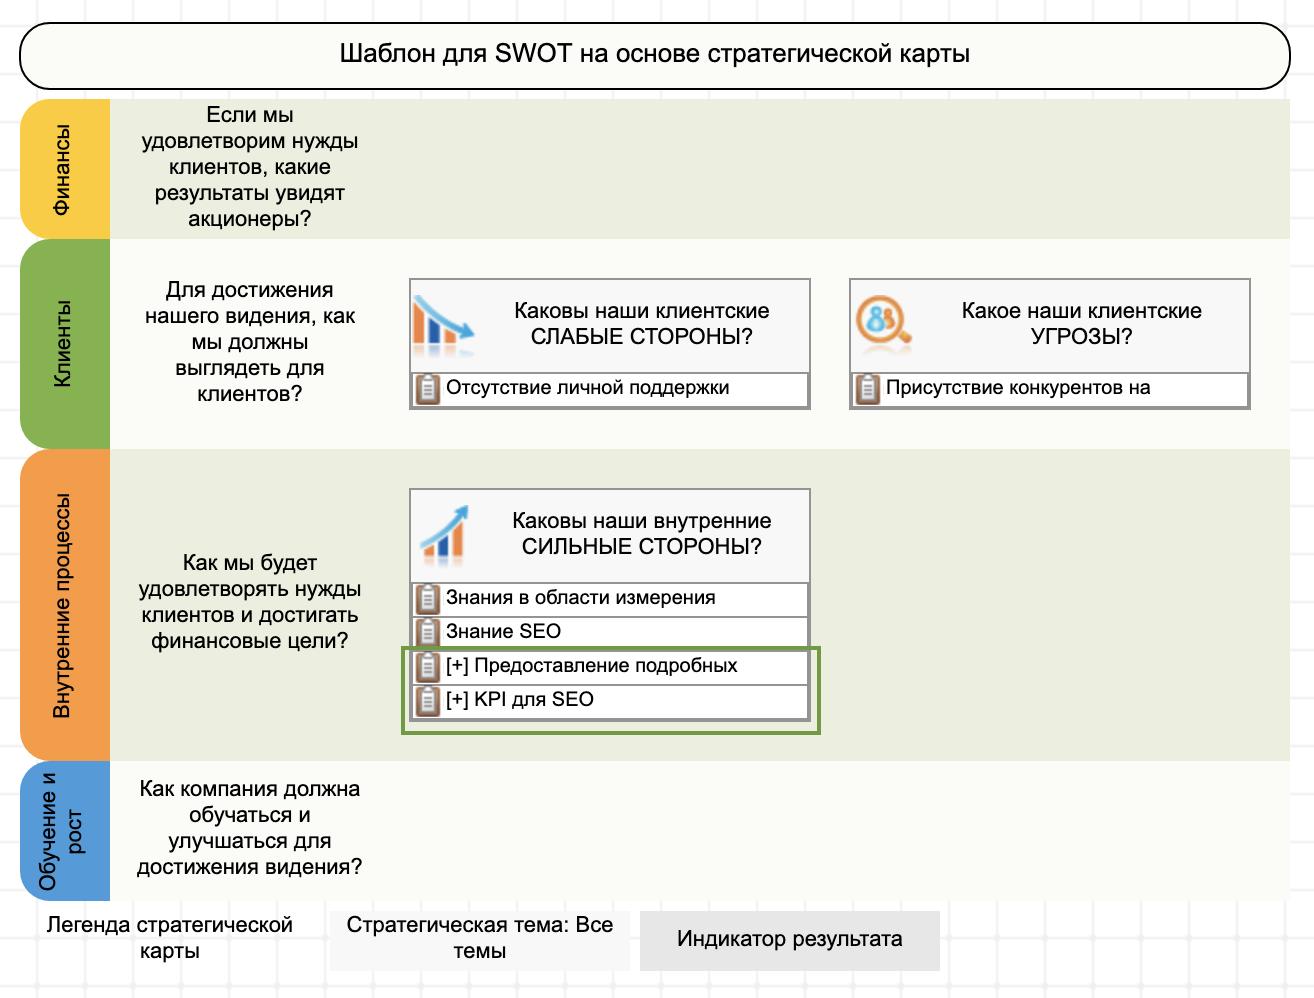 Использование шаблона SWOT+S, этап 2